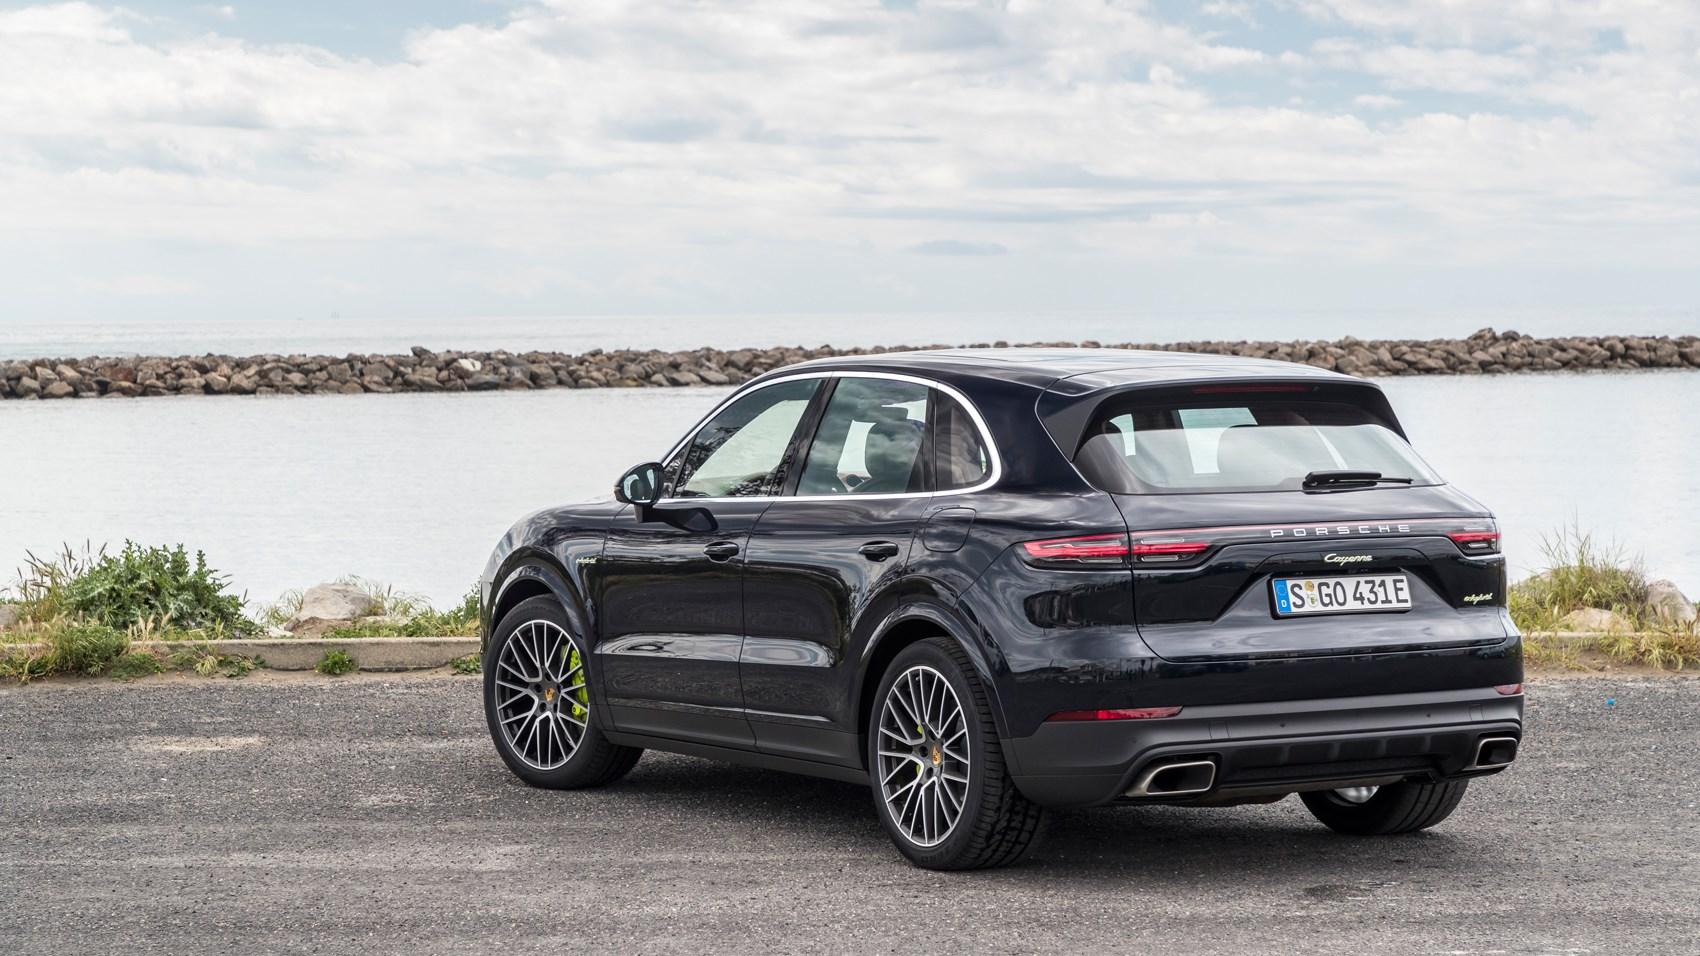 Porsche Cayenne E Hybrid 2018 Suv Review Suv Plugs In